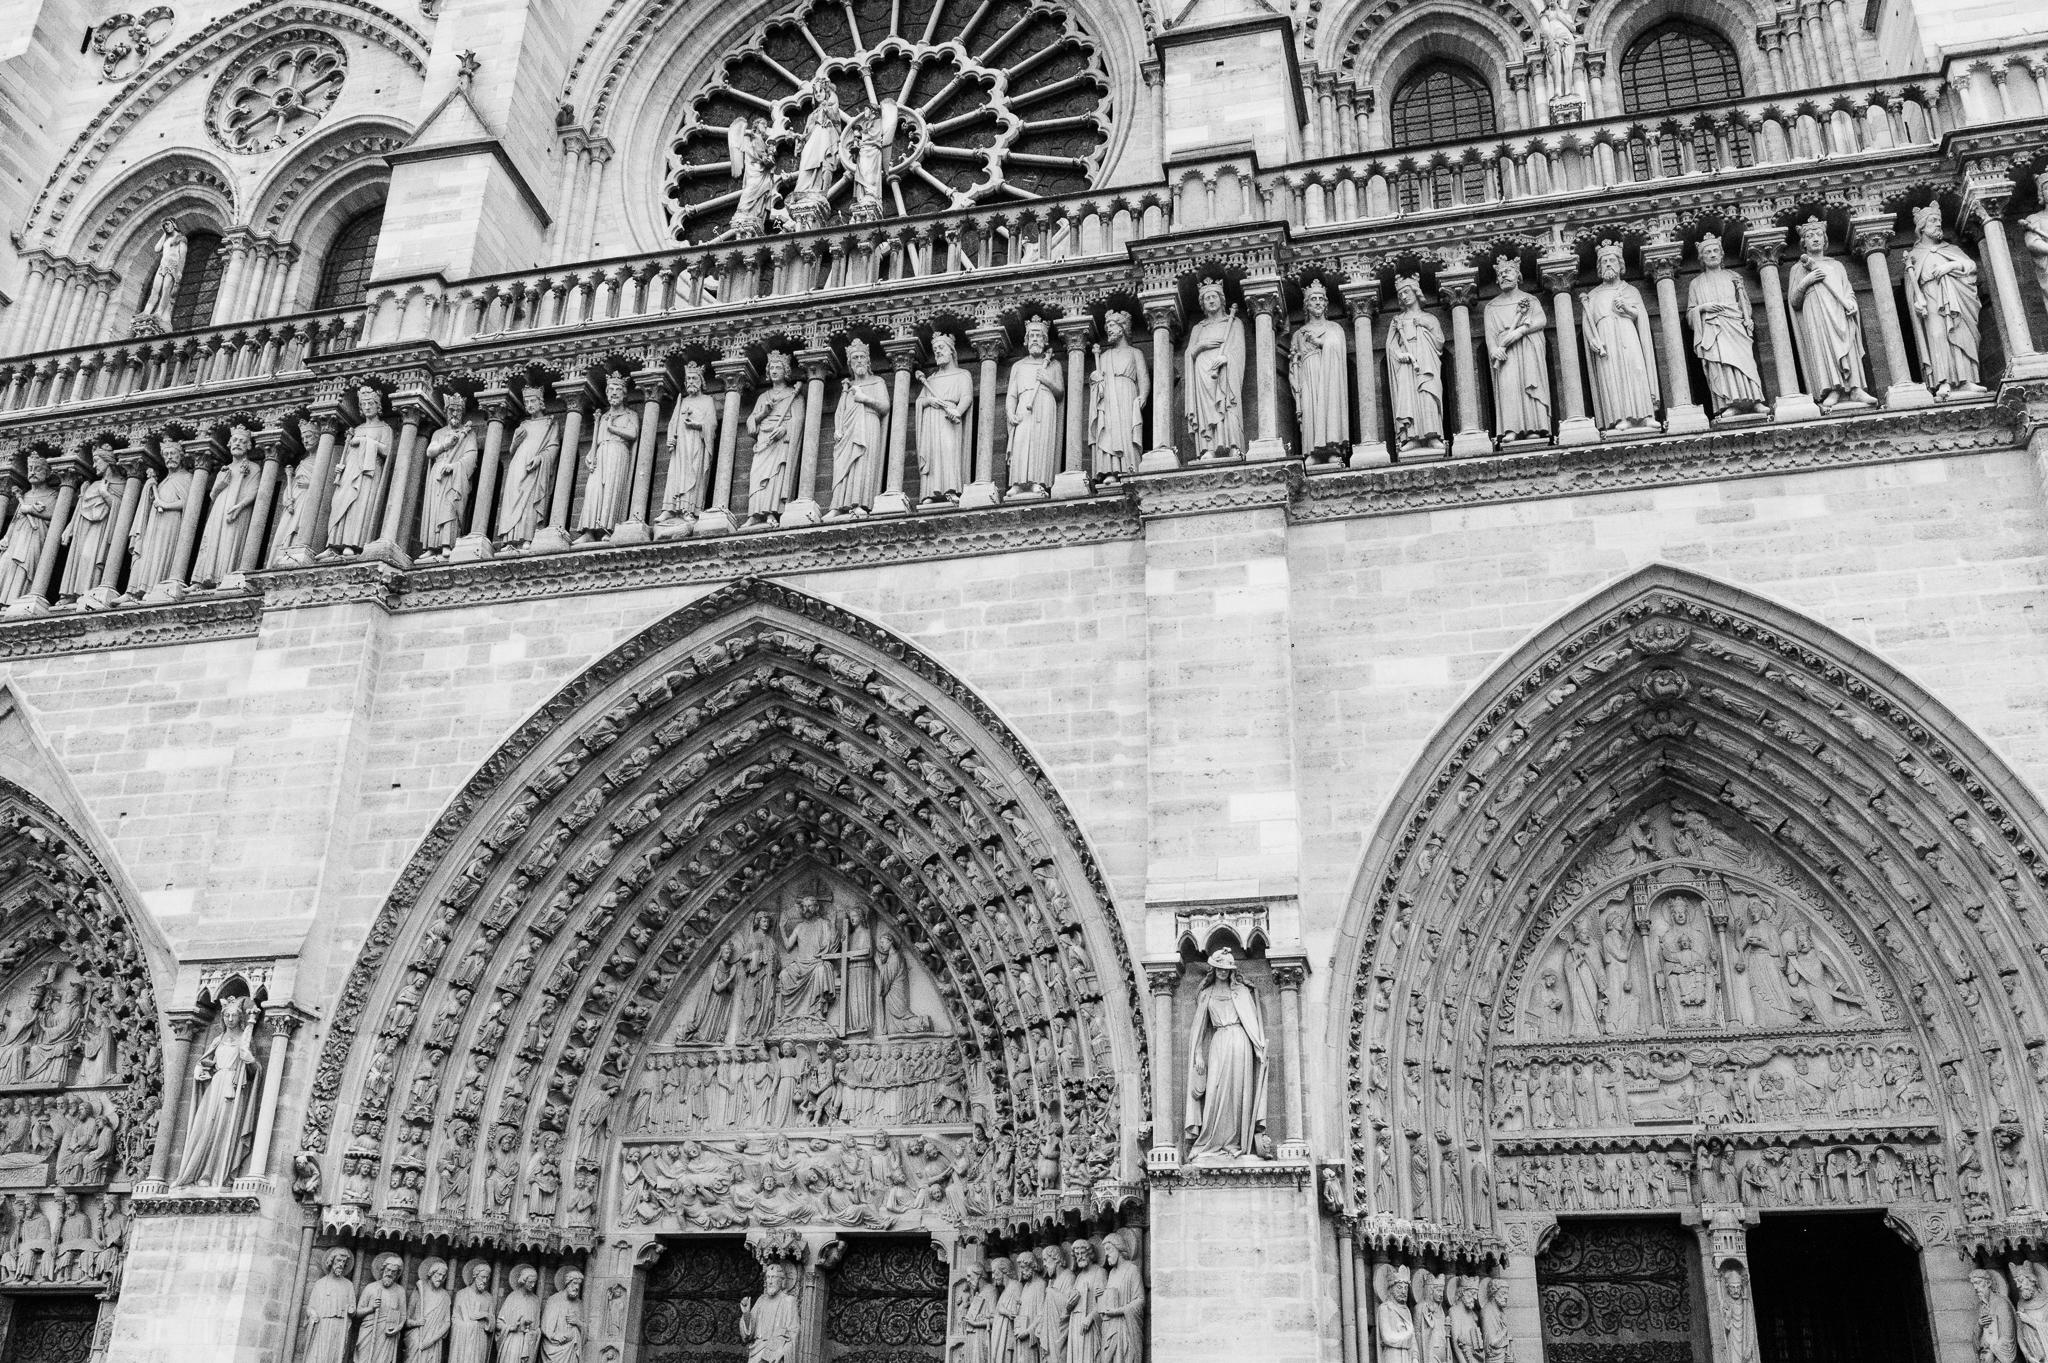 Jason-Davis-Images-Paris-0003.jpg